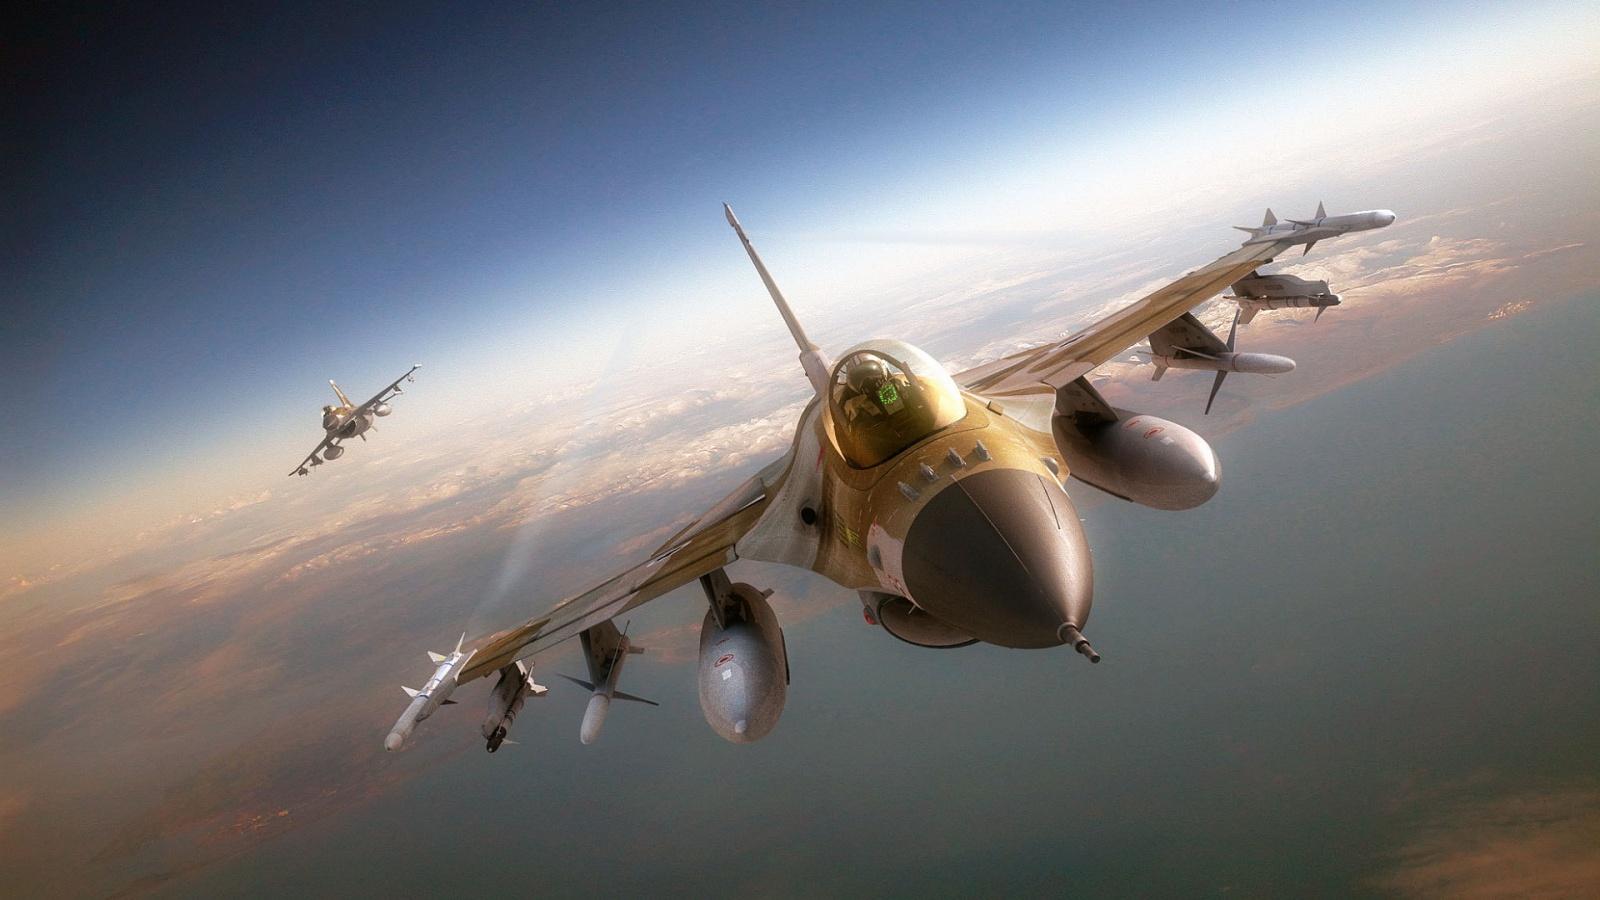 Free Download F18 Super Hornet Wallpaper 2560x1600 34237 1600x900